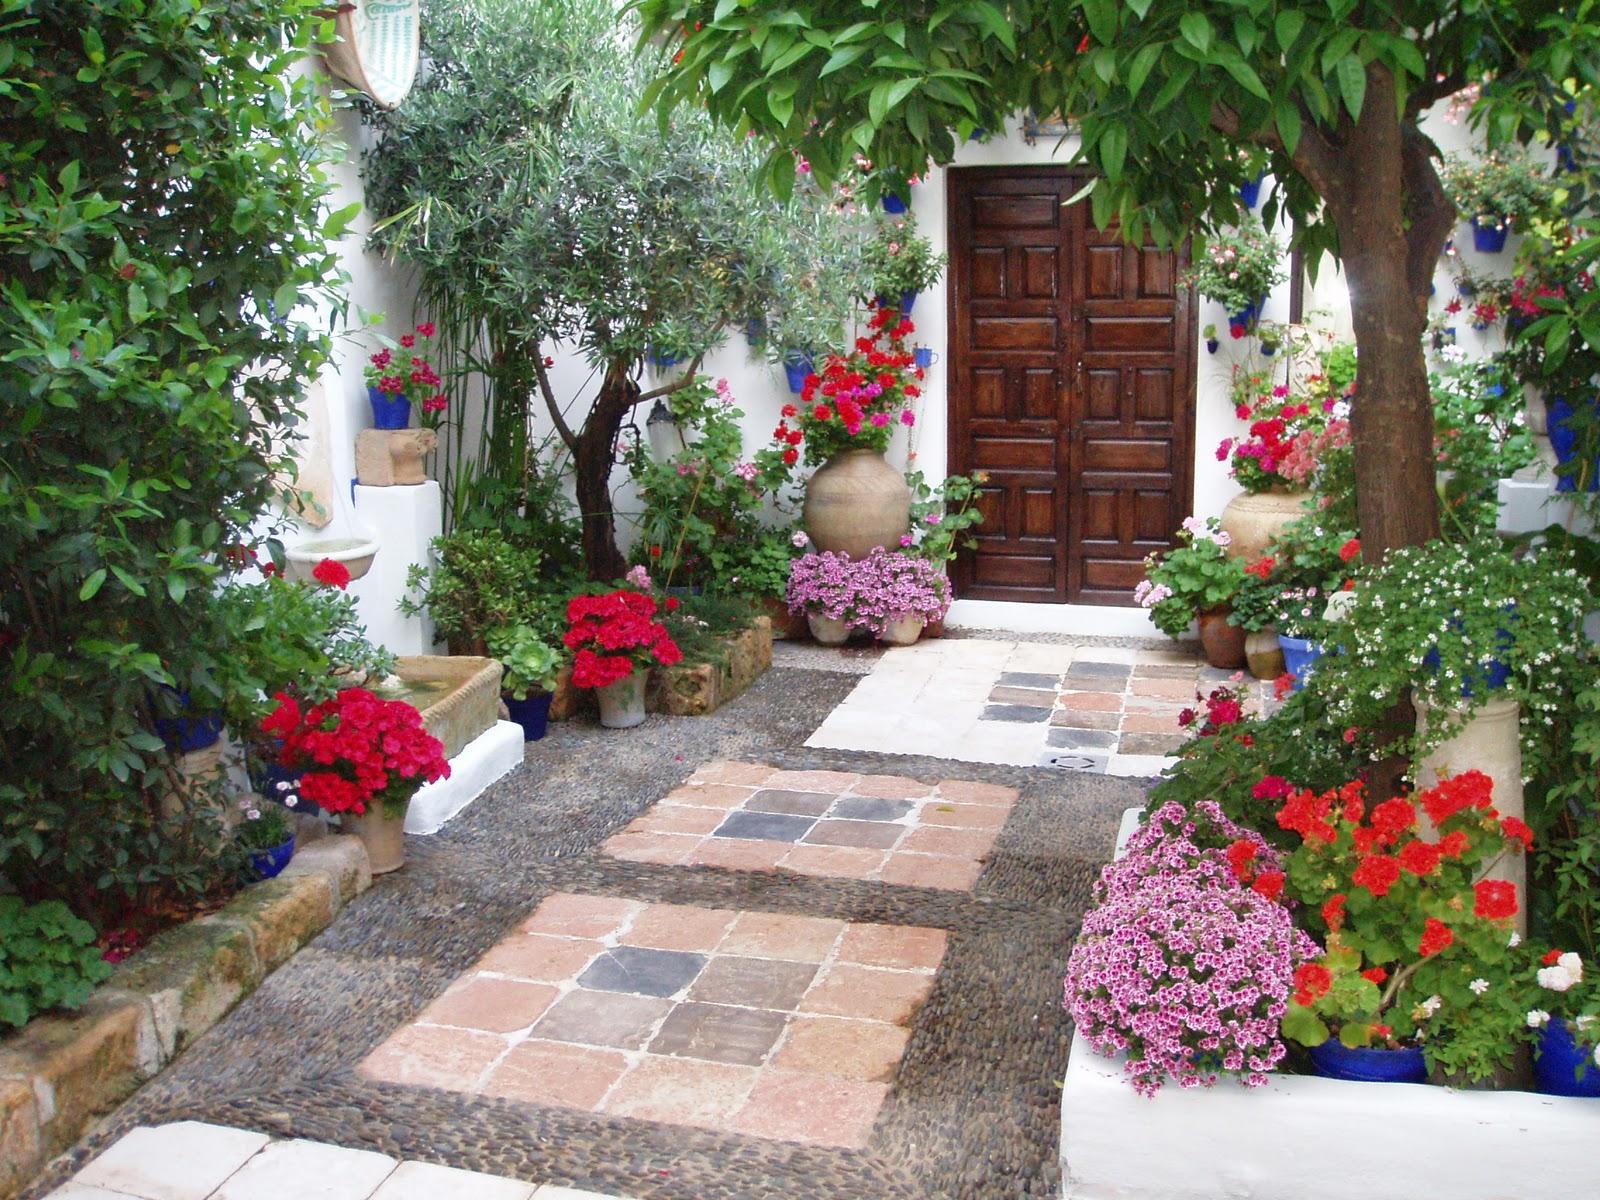 Arte y jardiner a jard n mediterr neo - Jardines con estilo ...